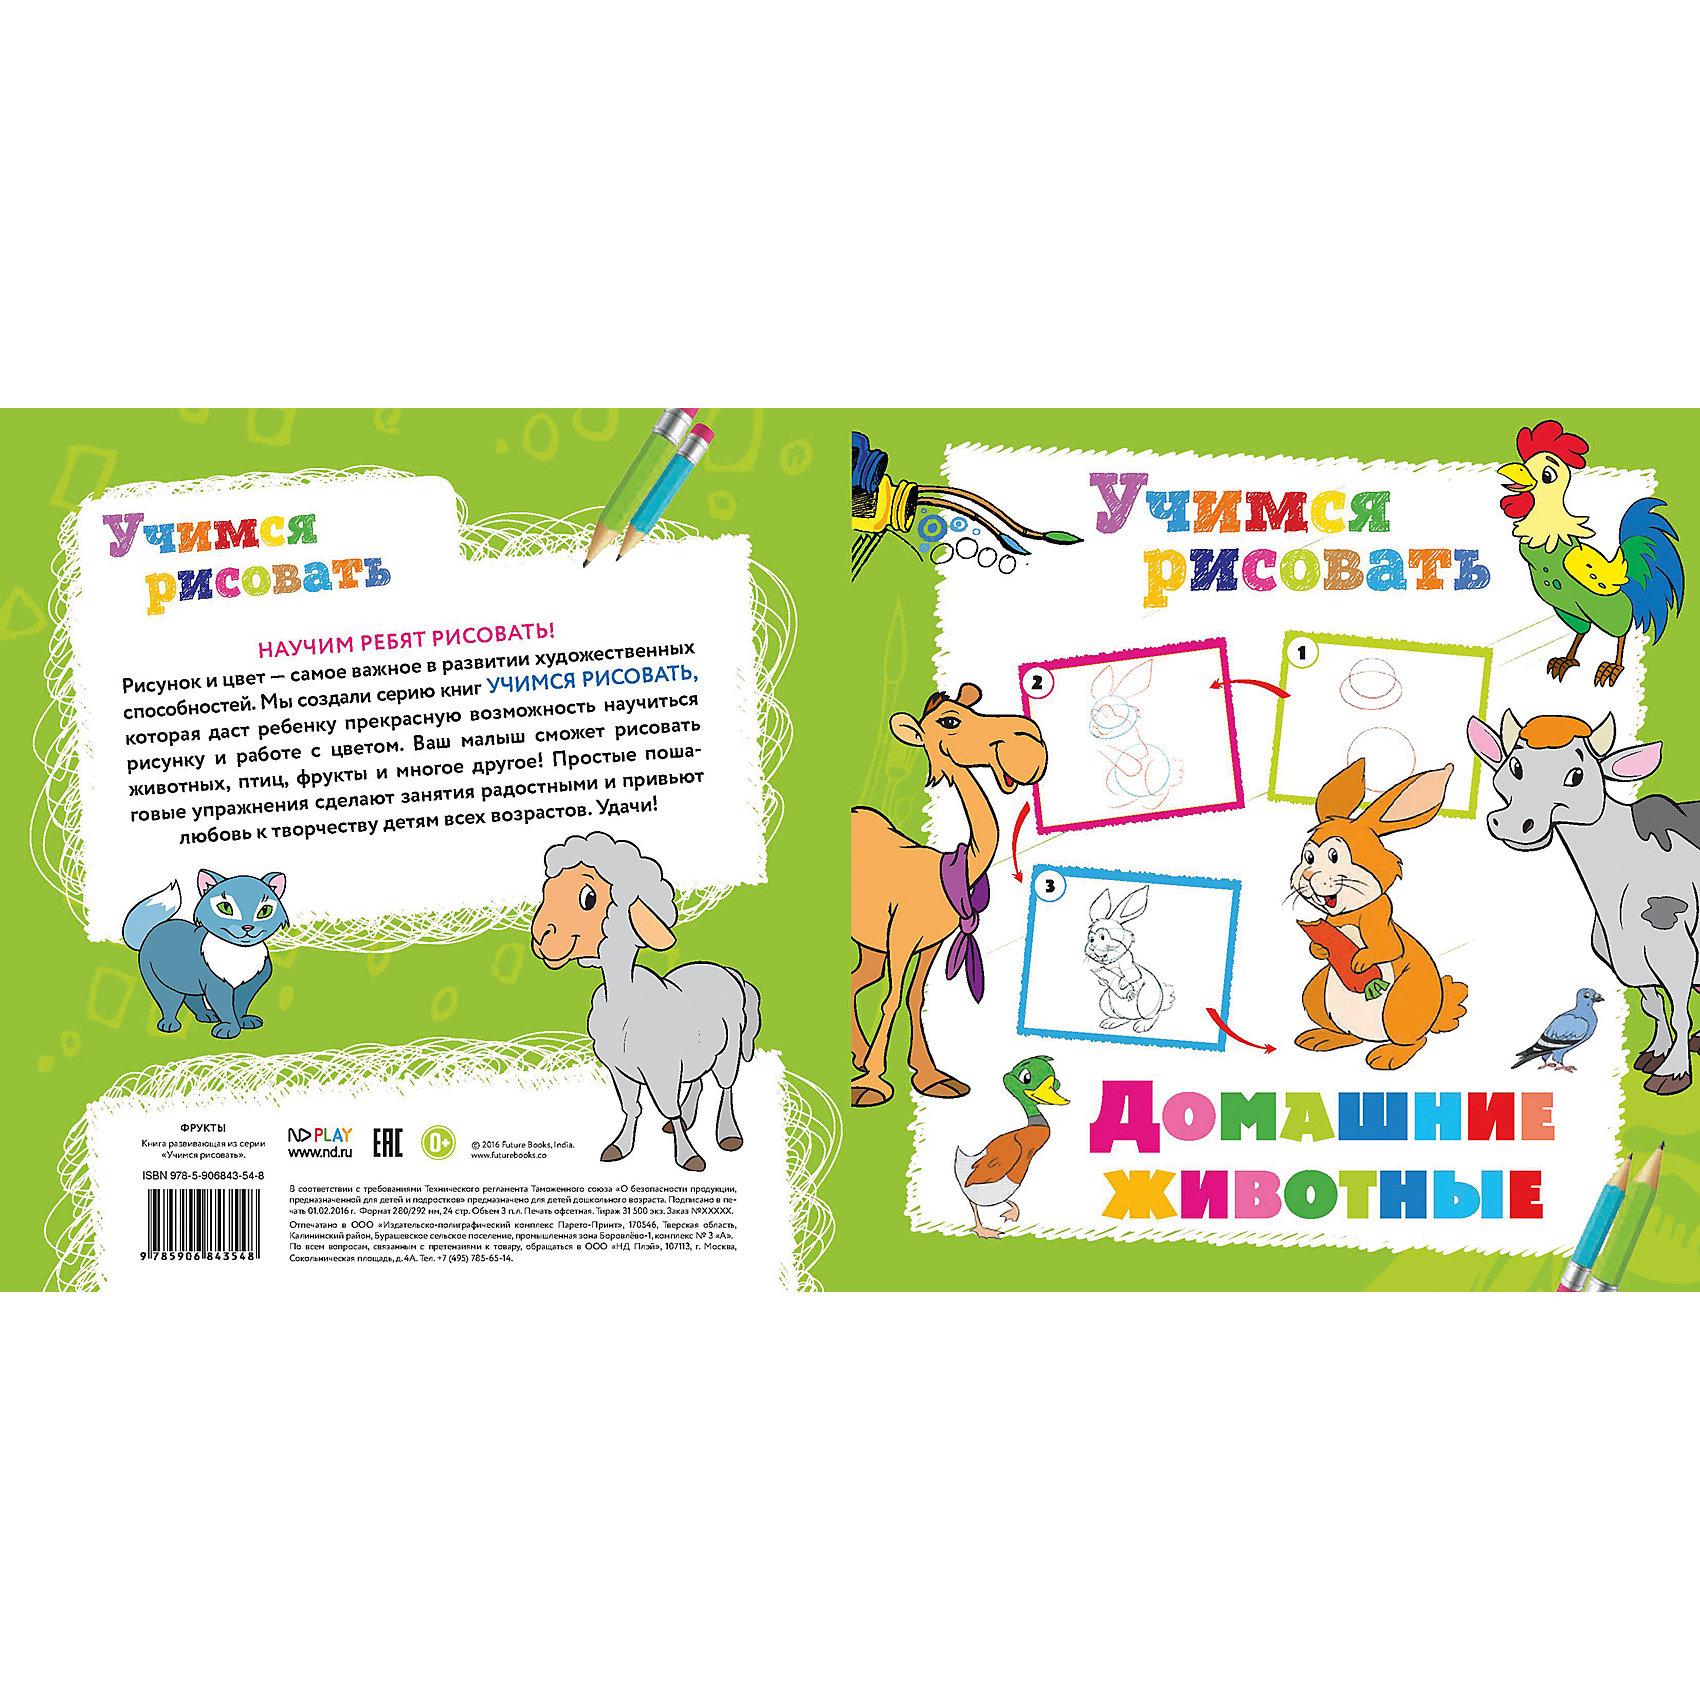 Книга Домашние животные Учимся рисоватьКнига Домашние животные Учимся рисовать – это уроки поэтапного рисования для детей.<br>Многие малыши обожают рисовать! Рисование и раскрашивание - это не только интересное, но и очень полезное занятие. С книгой-раскраской «Домашние животные» серии «Учимся рисовать» заниматься рисованием очень весело. Ваш ребенок сможет научиться рисовать животных, воспользовавшись пошаговыми советами художника. Книга поможет развить внимательность, мелкую моторику, творческие способности.<br><br>Дополнительная информация:<br><br>- Издательство: Новый диск, 2016 г.<br>- Серия: Учимся рисовать<br>- Тип обложки: мягкий переплет (крепление скрепкой или клеем)<br>- Иллюстрации: цветные, черно-белые<br>- Количество страниц: 24 (офсет)<br>- Размер: 290x280x2 мм.<br>- Вес: 114 гр.<br><br>Книгу Домашние животные Учимся рисовать можно купить в нашем интернет-магазине.<br><br>Ширина мм: 280<br>Глубина мм: 3<br>Высота мм: 290<br>Вес г: 112<br>Возраст от месяцев: 36<br>Возраст до месяцев: 84<br>Пол: Унисекс<br>Возраст: Детский<br>SKU: 4664437